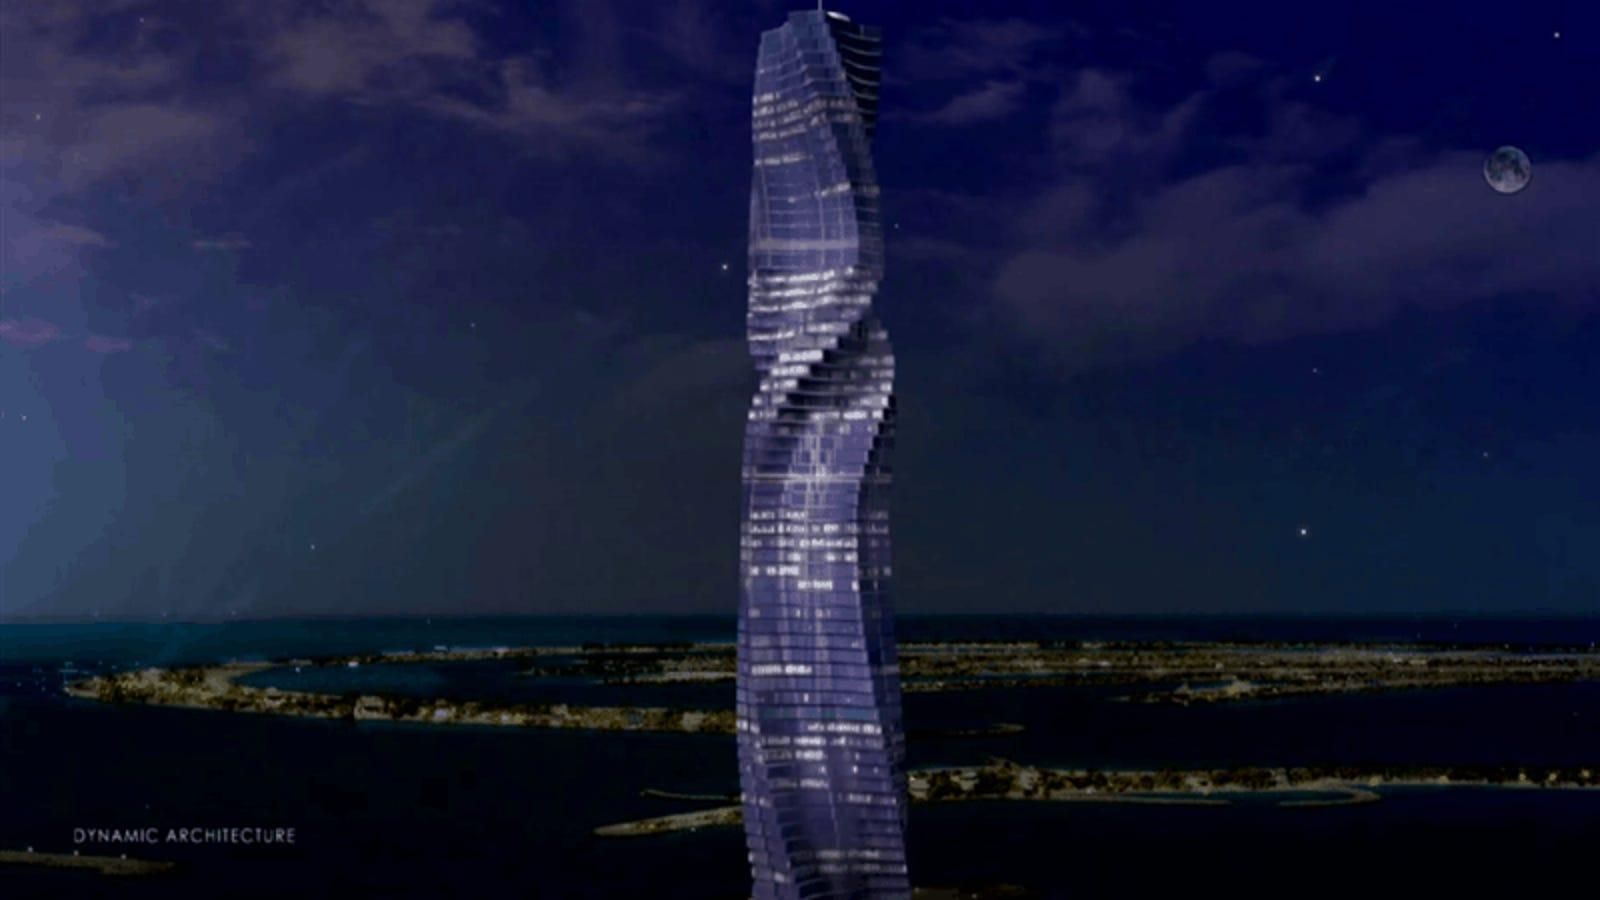 Dubái construirá el primer rascacielos giratorio del mundo: tendrá 80 pisos y estará listo para 2020